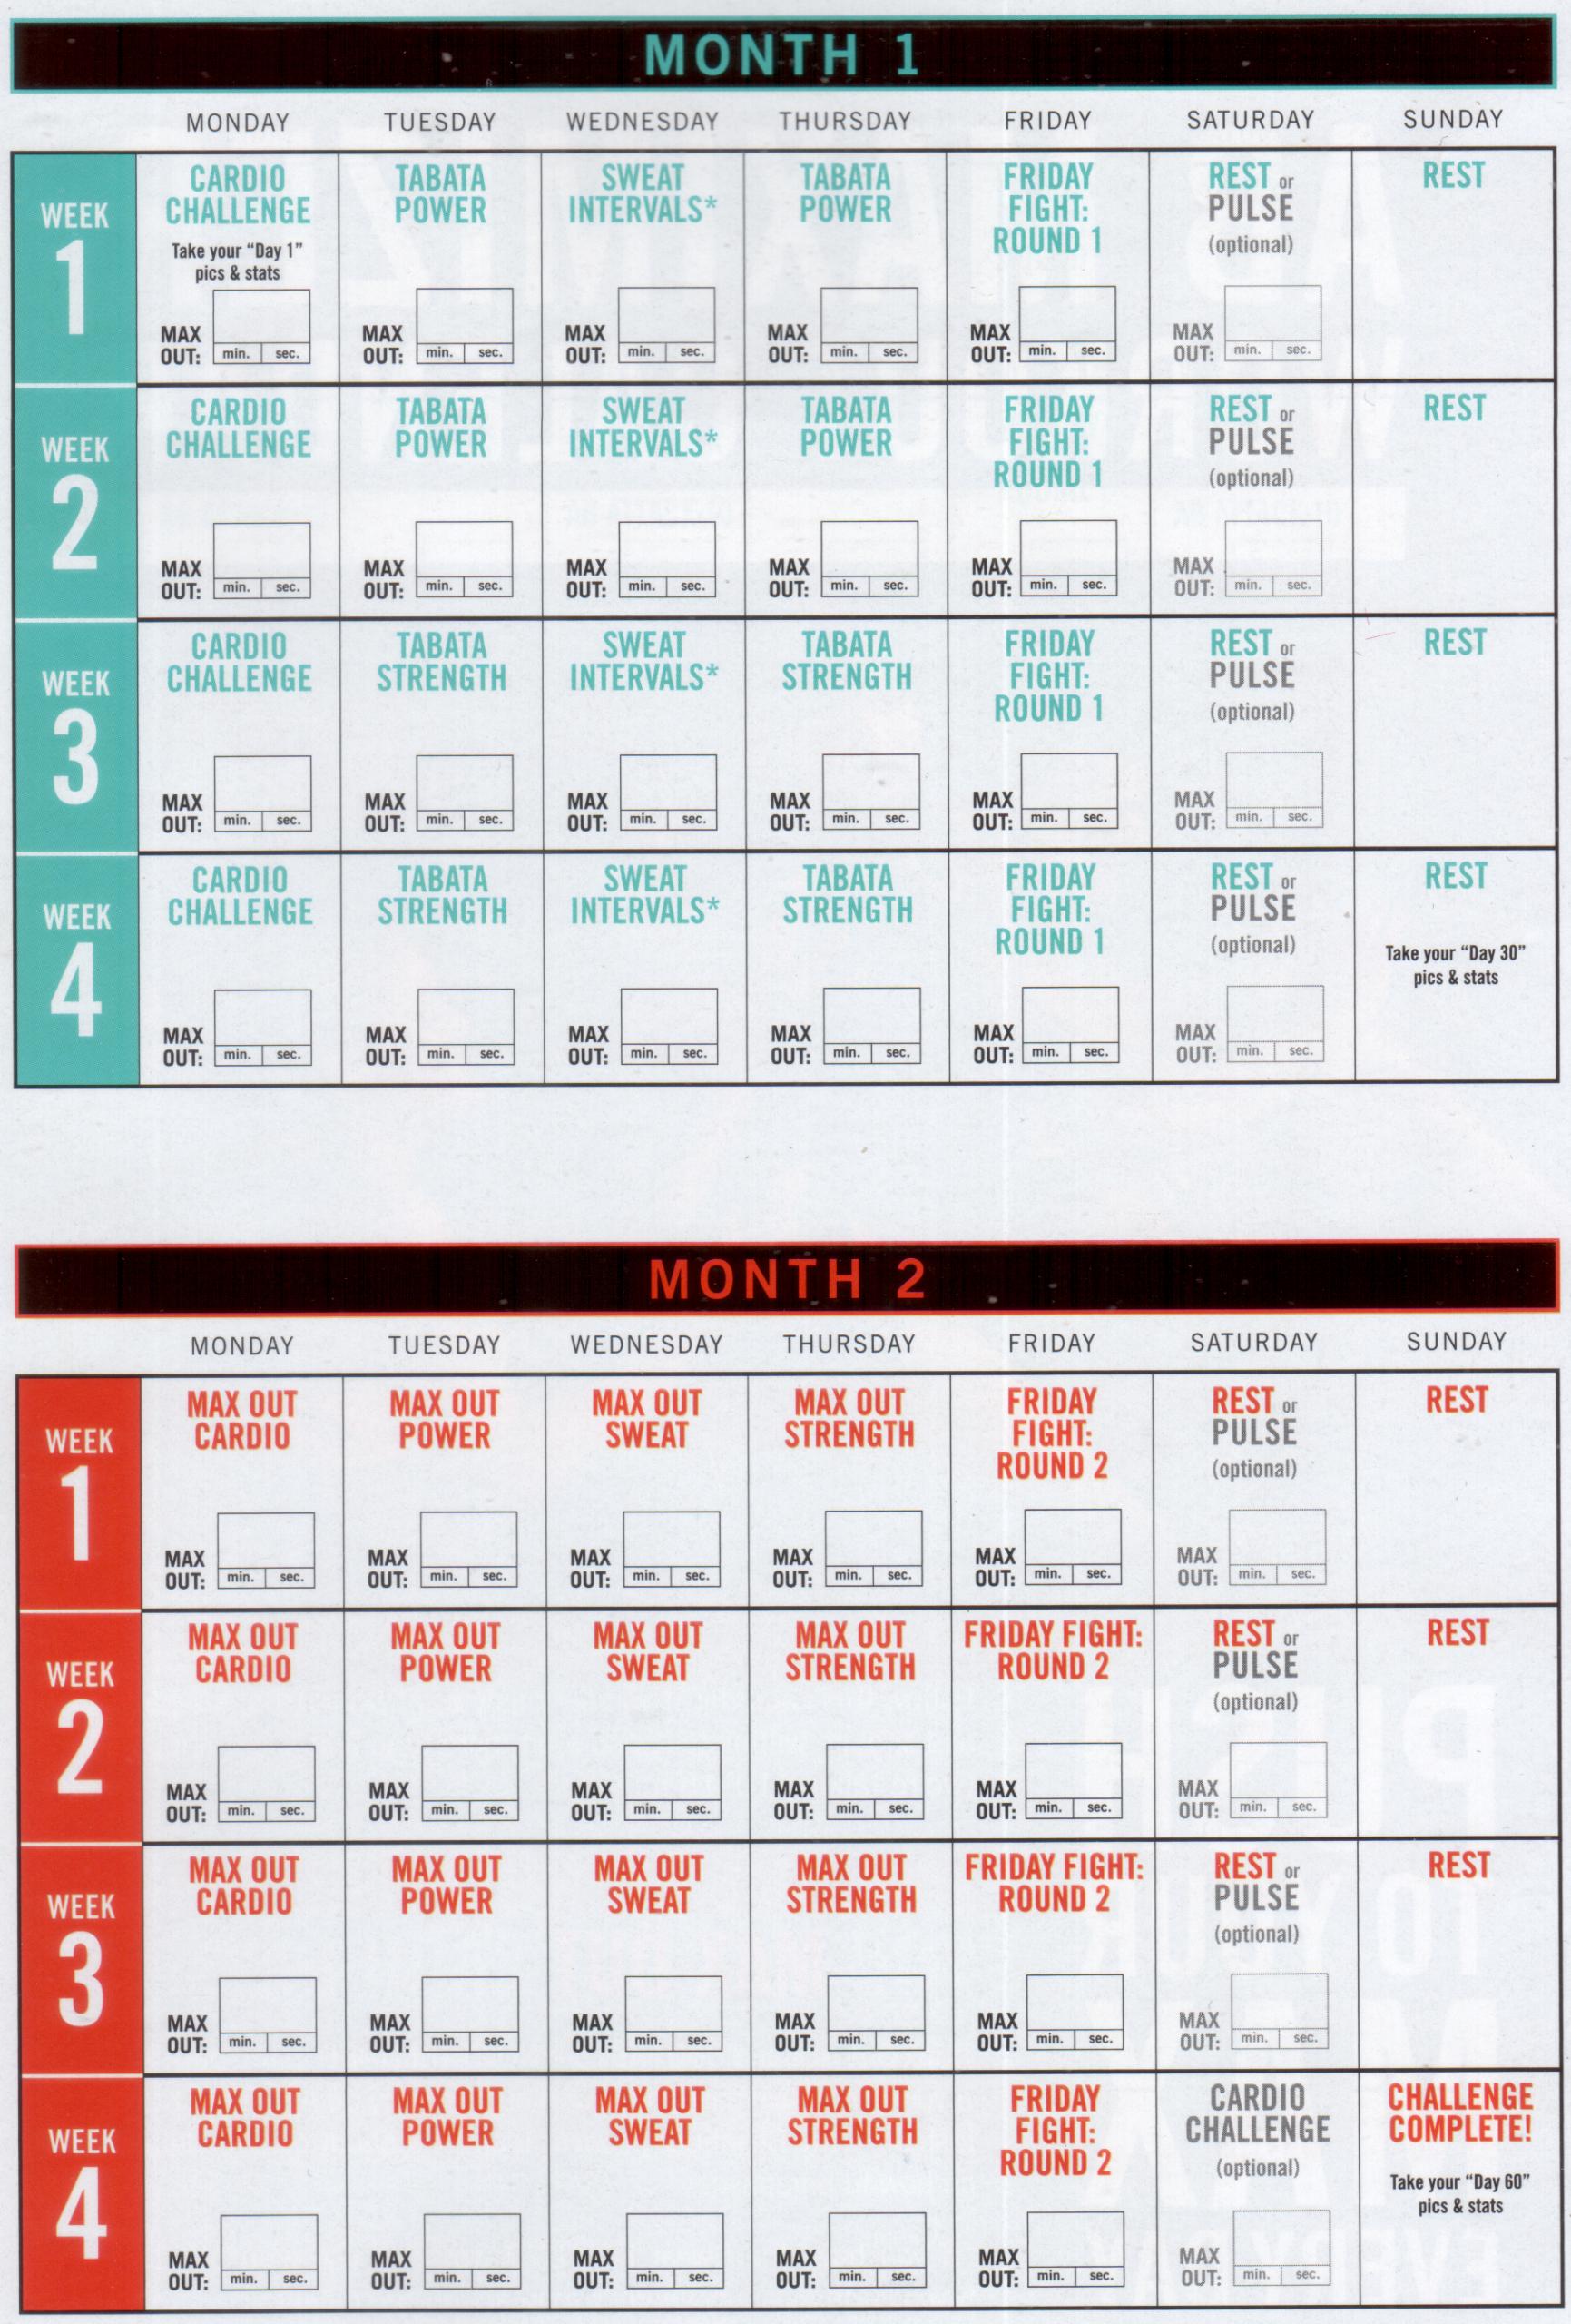 Resultado De Imagen Para Calendario De Insanity Max 30 for Calendario Insanity Max 30